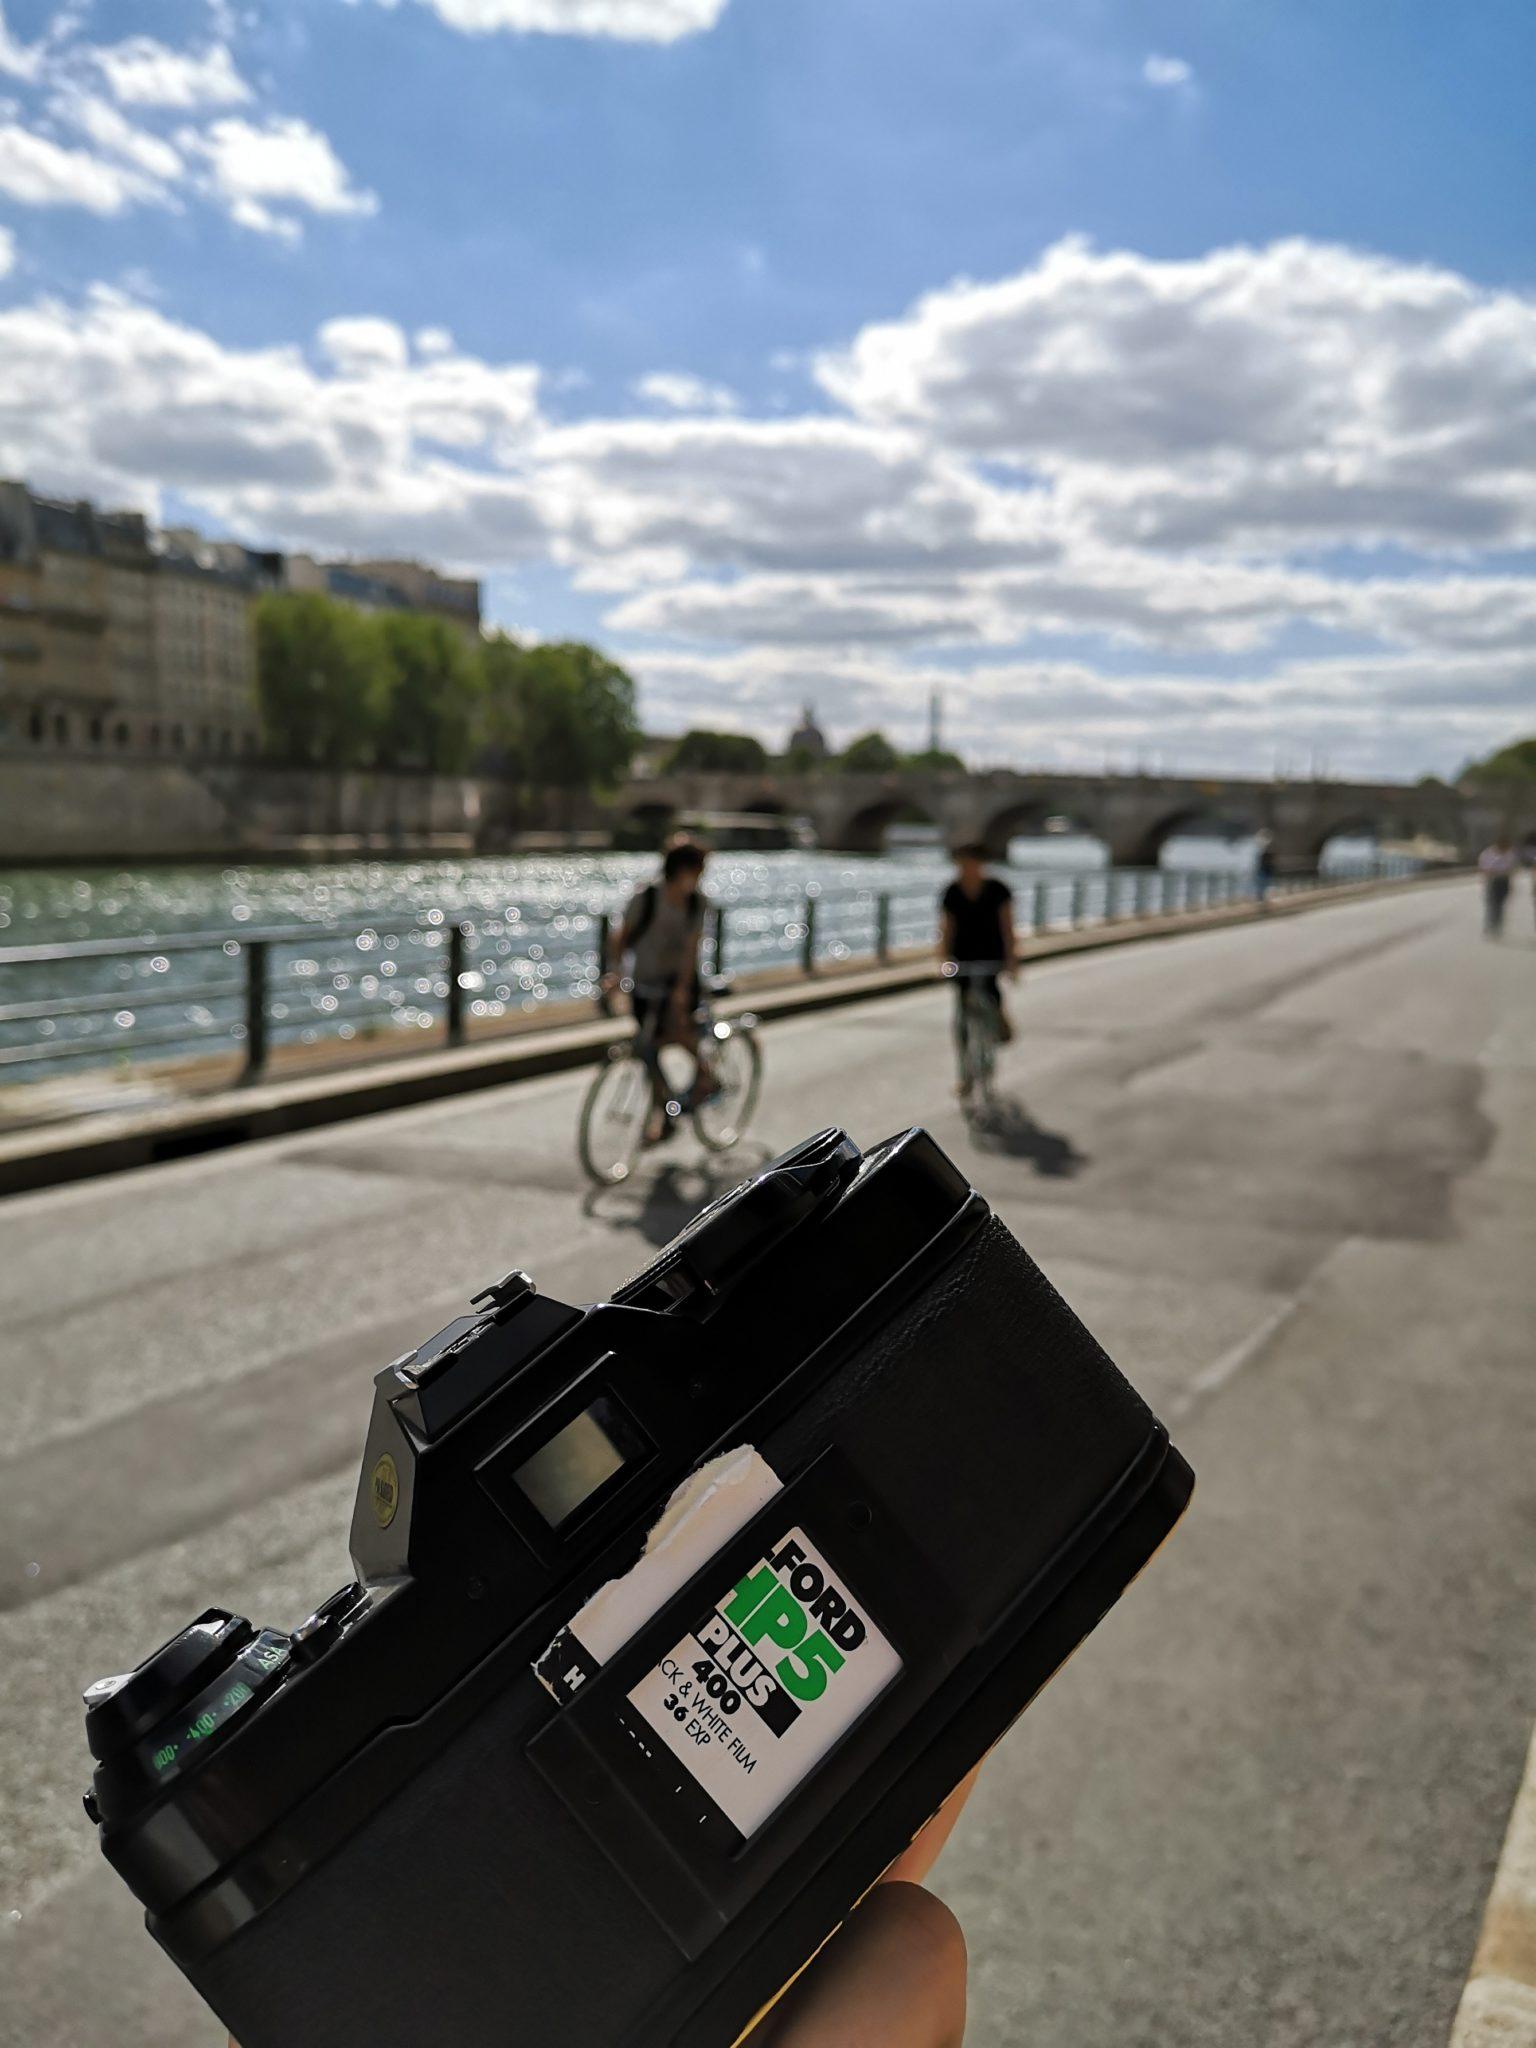 Photographie avec au premier plan un appareil photo argentique Canon AE1 Program, et au second plan les quais de Seine à Paris